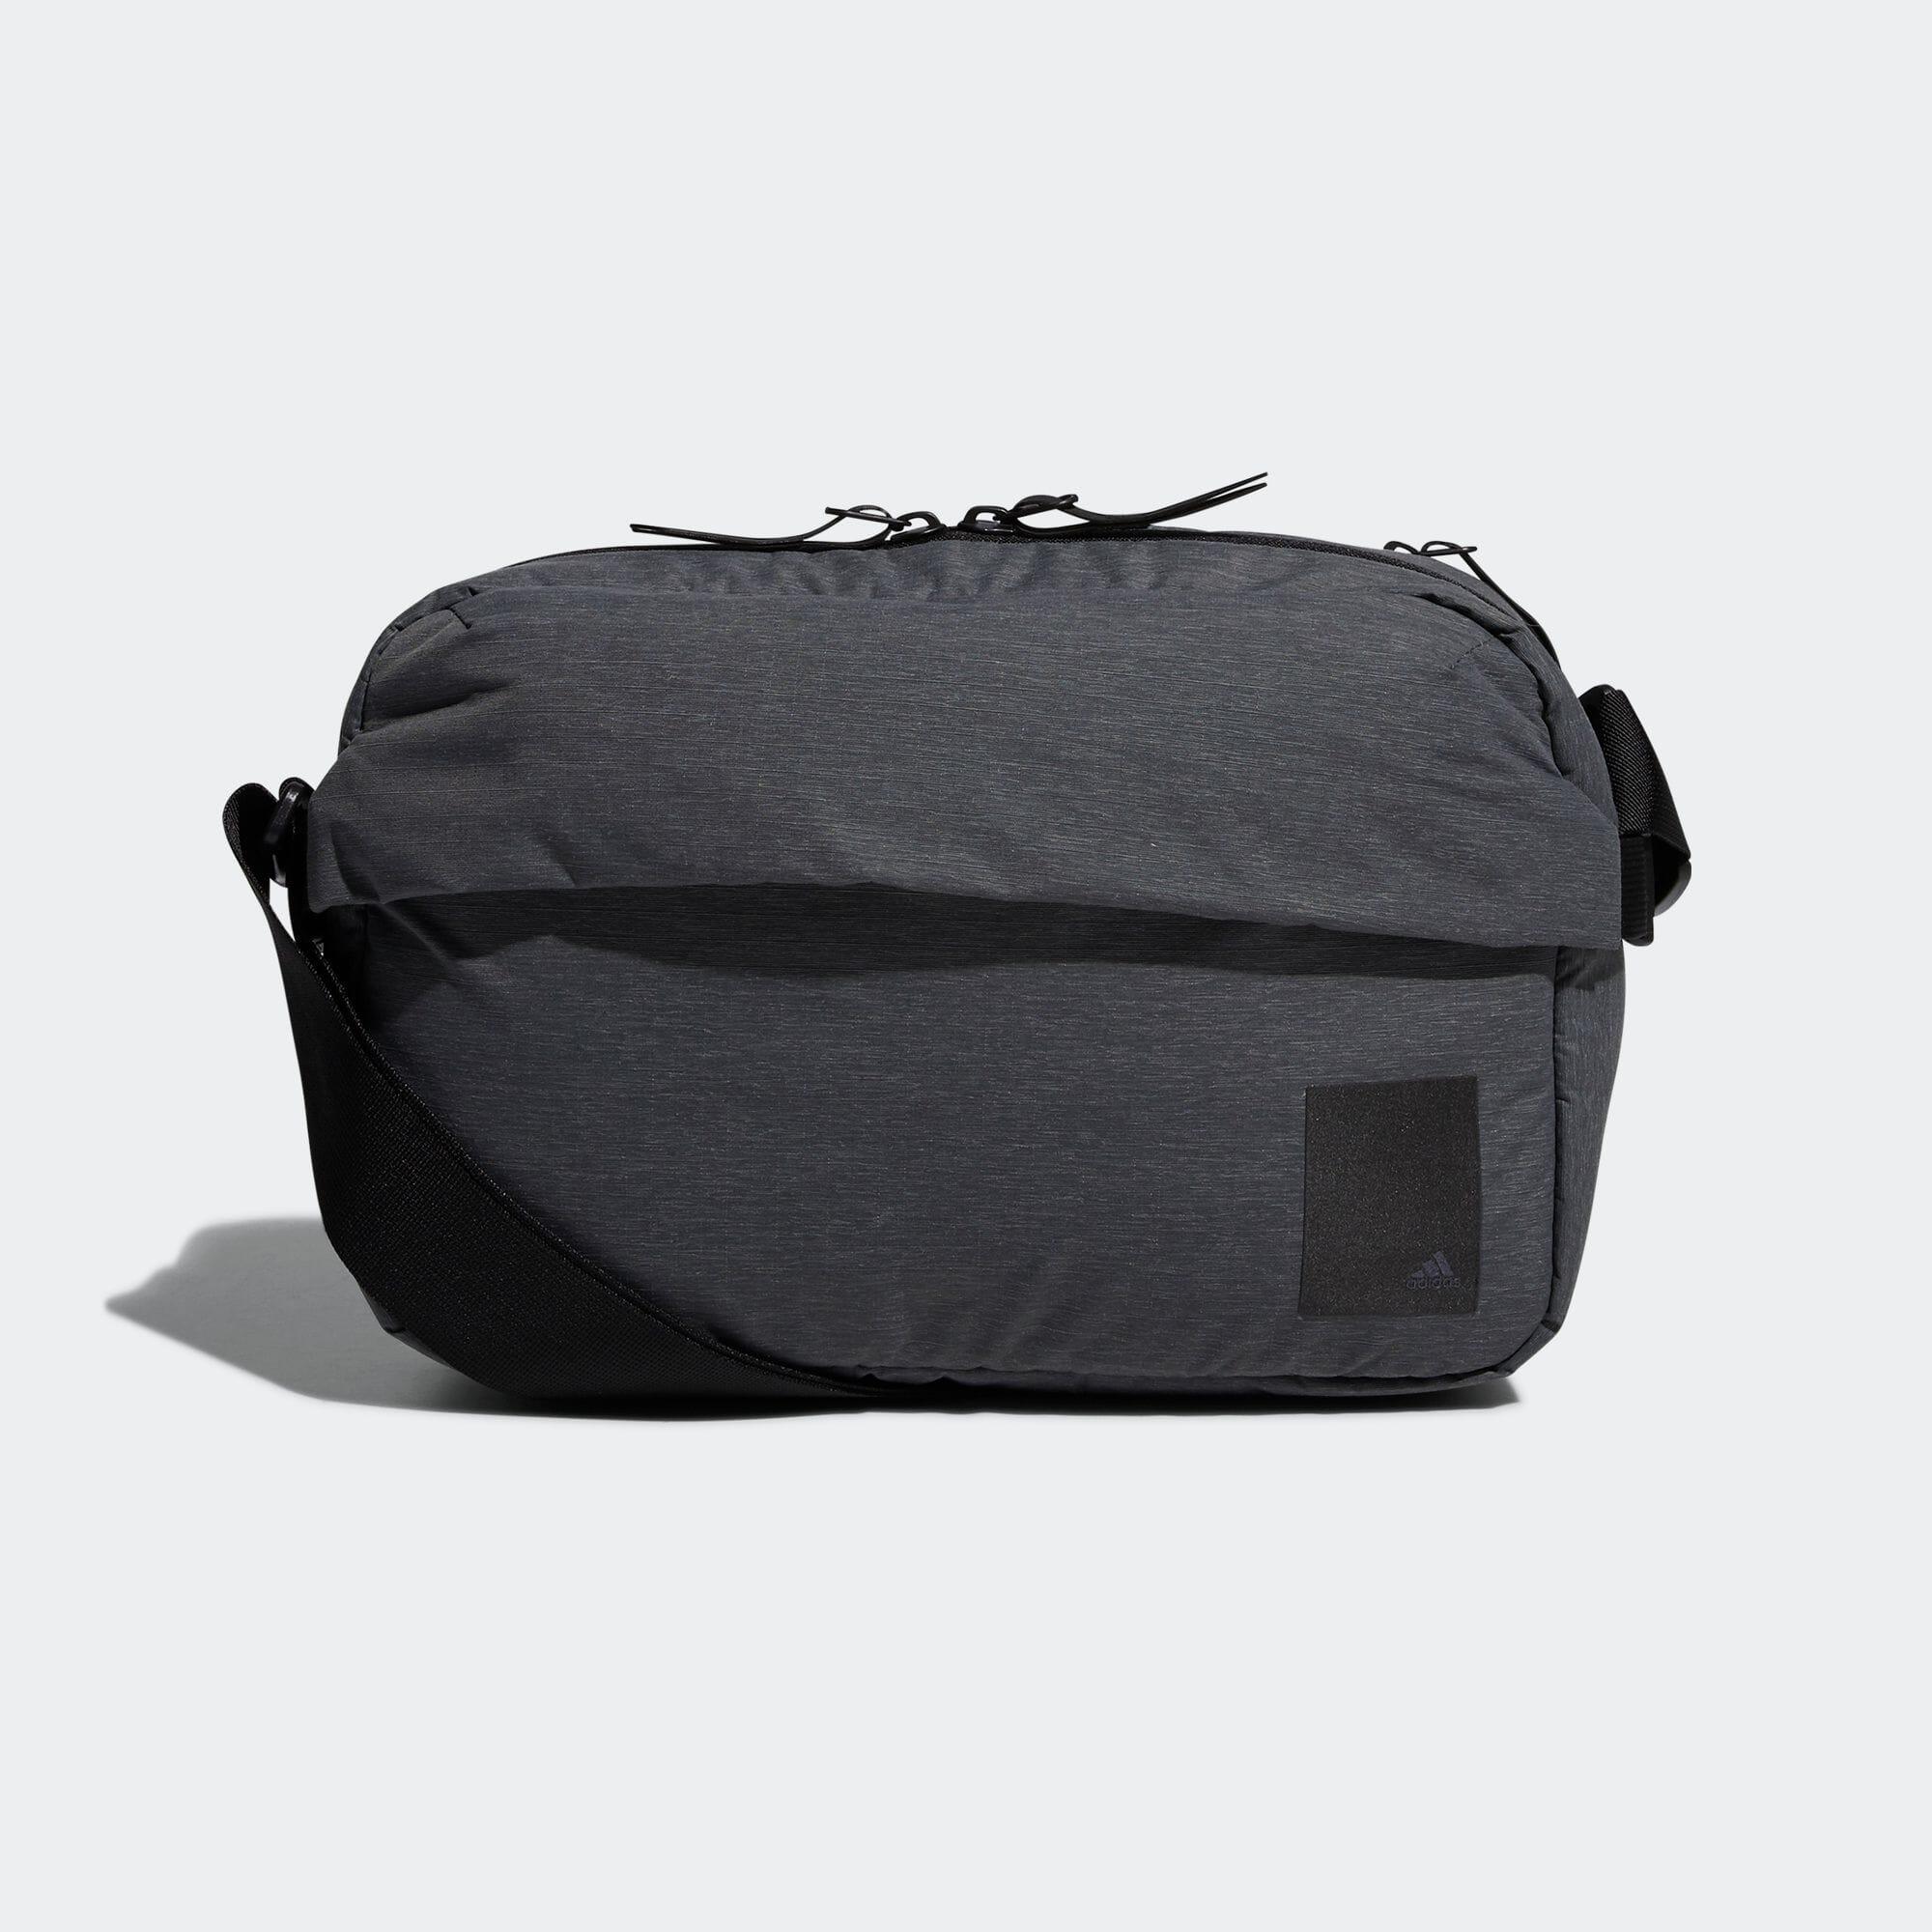 トラベル メッセンジャーバッグ / Travel Messenger Bag